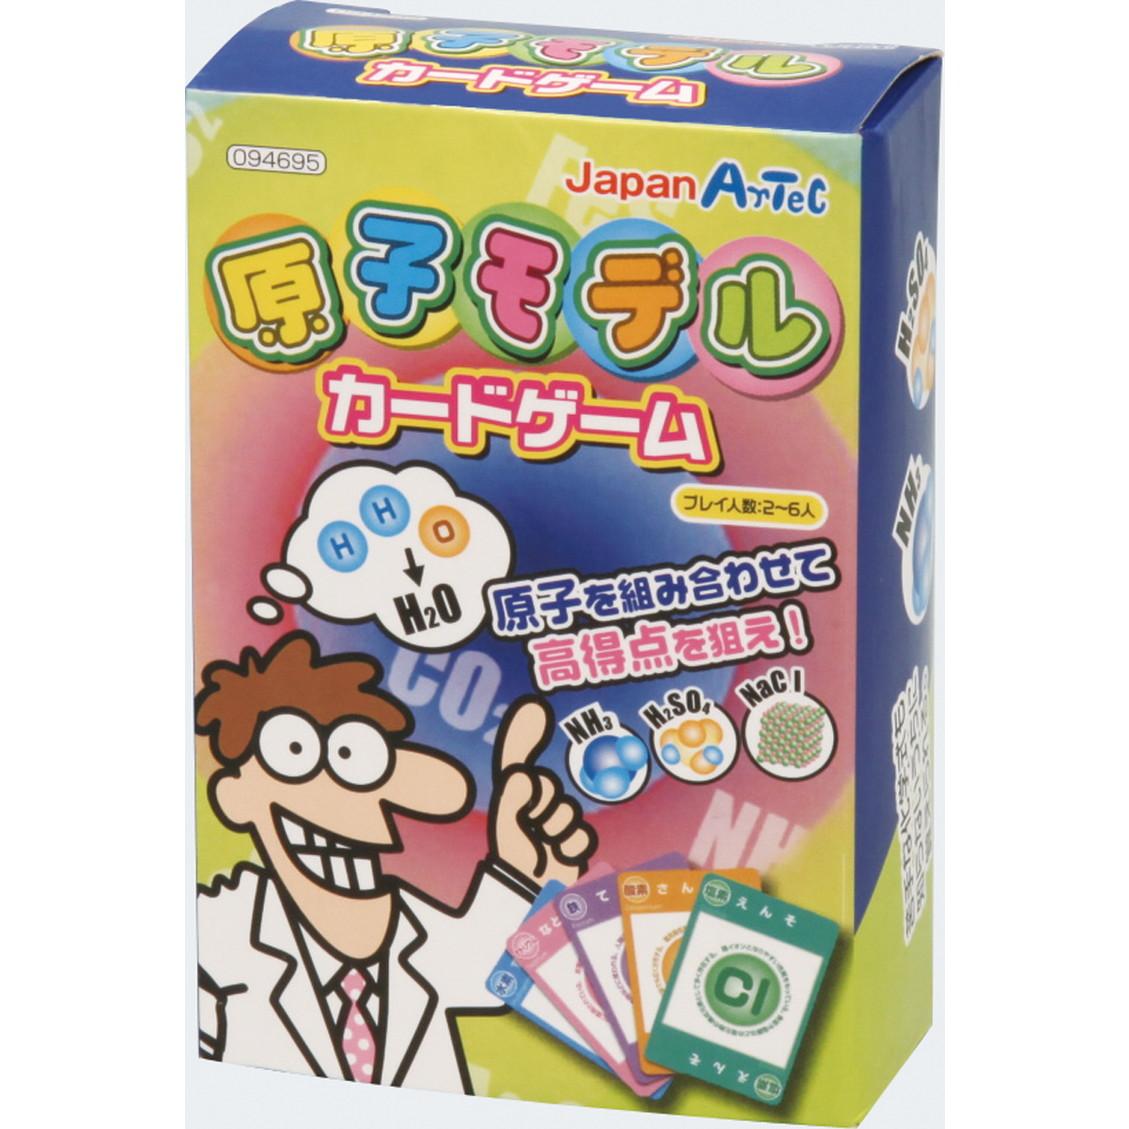 原子モデルカードゲーム 1個入 94695 驚きの値段で 粗品 ゲーム 景品 18%OFF カード 知育玩具 子ども会 アーテック ゆうパケット対応 イベント こども会 子供会 artec プレゼント